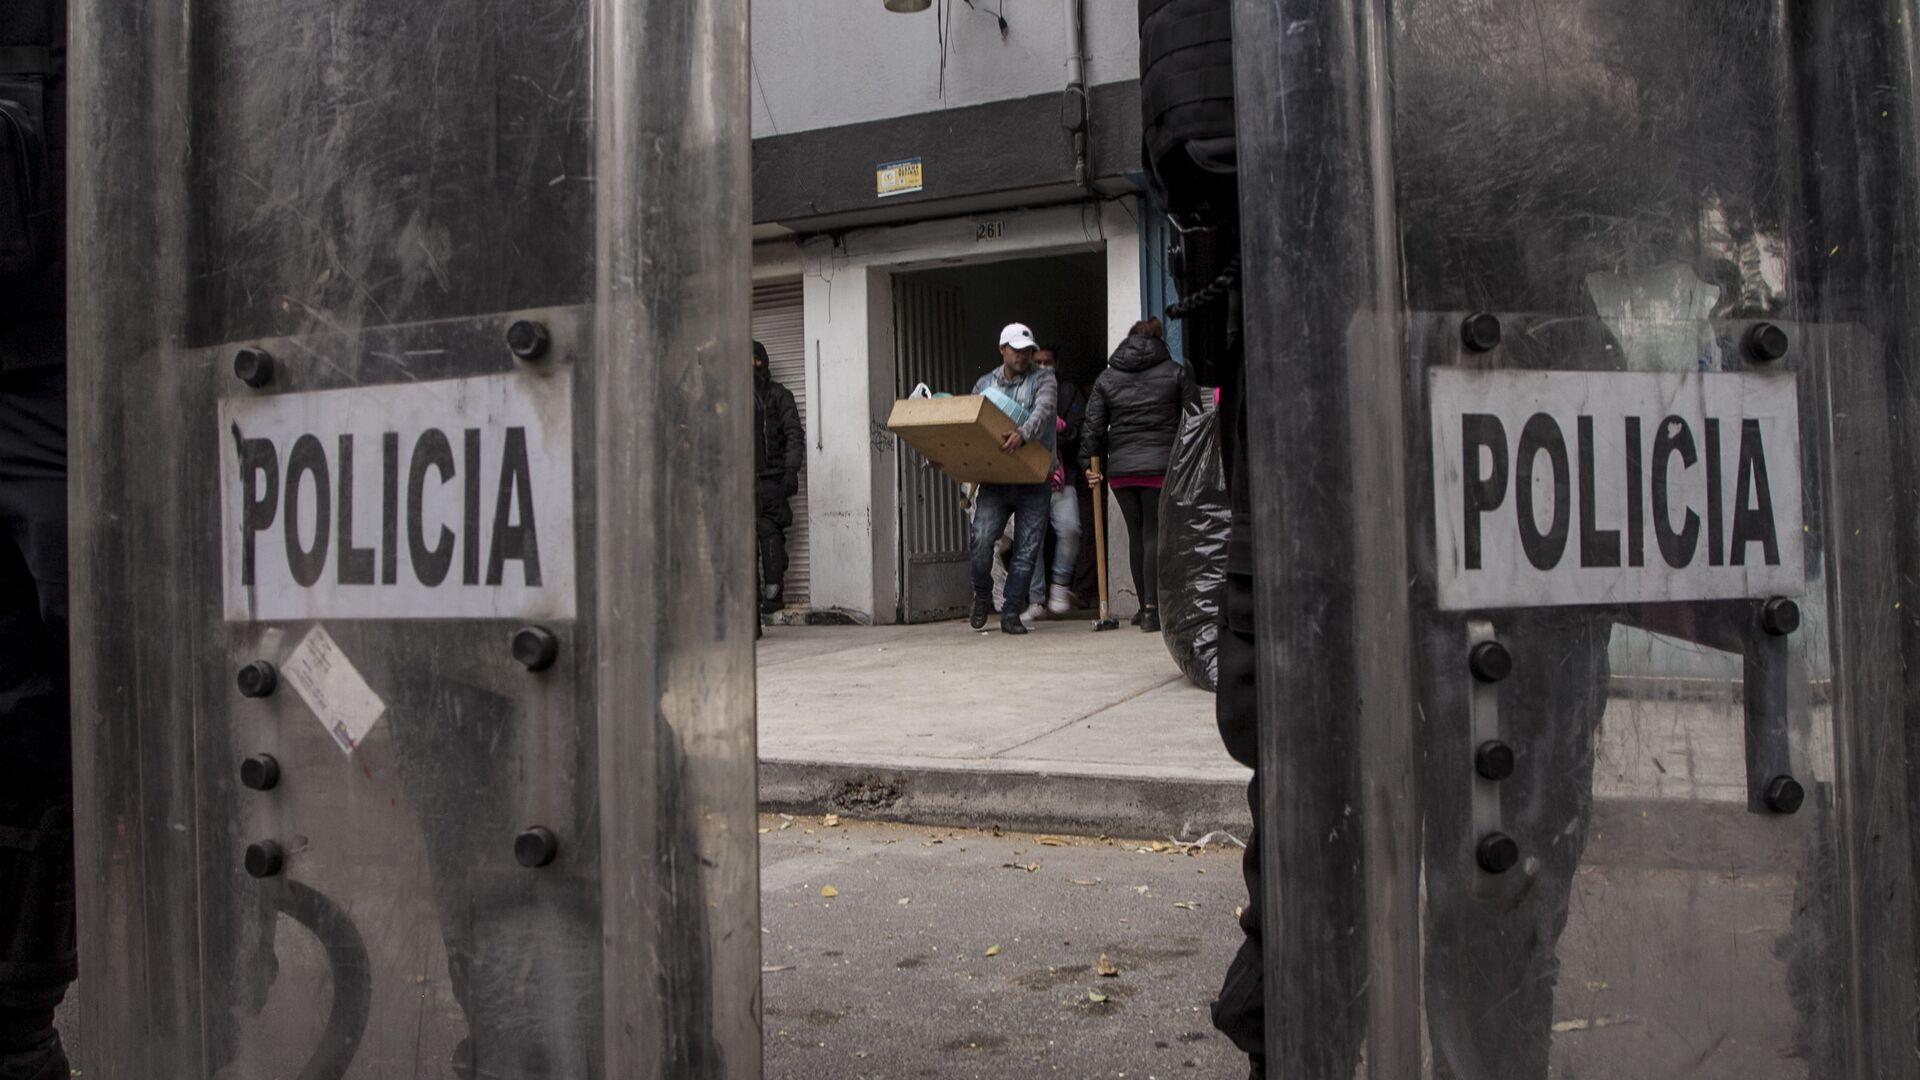 Desalojo del edificio, Puebla 261, Roma Norte, Ciudad de México - Sputnik Mundo, 1920, 31.12.2020